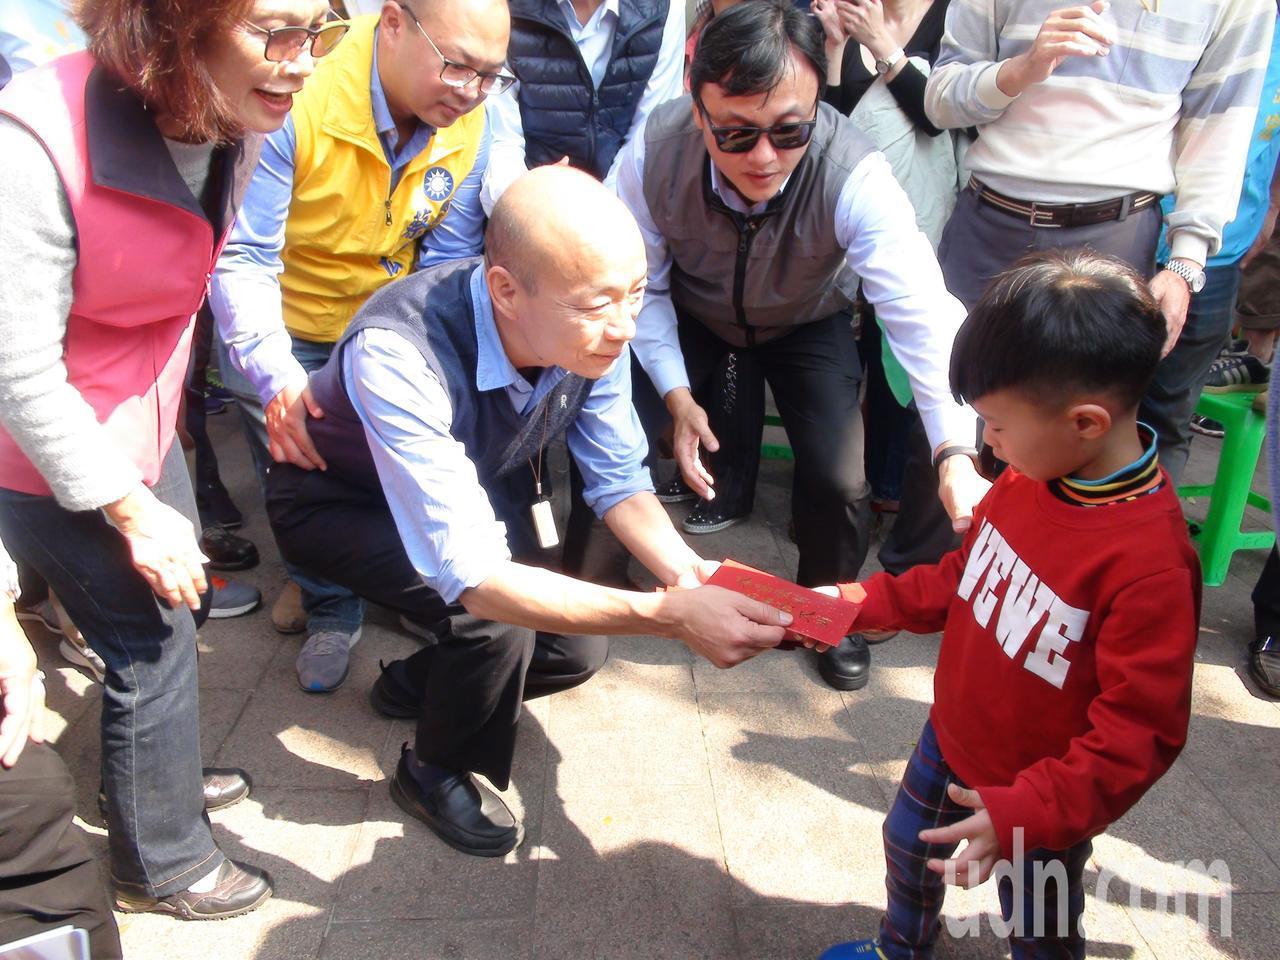 高雄市長韓國瑜發紅包,看到小孩,都會蹲下來發給小朋友。記者謝梅芬/攝影